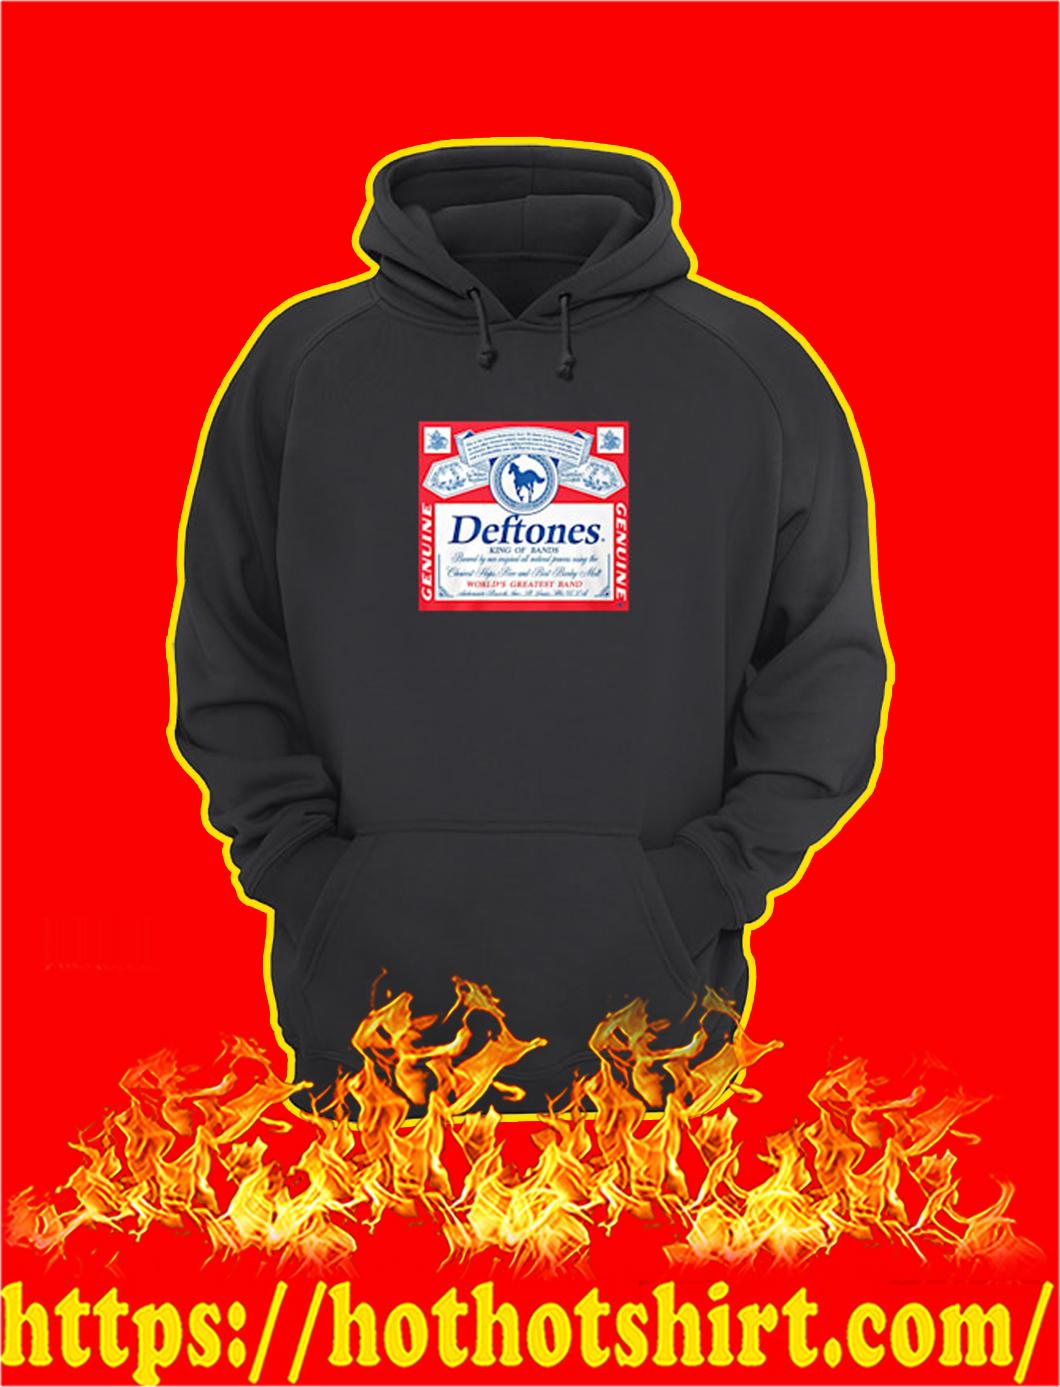 Deftones King Of Bands hoodie